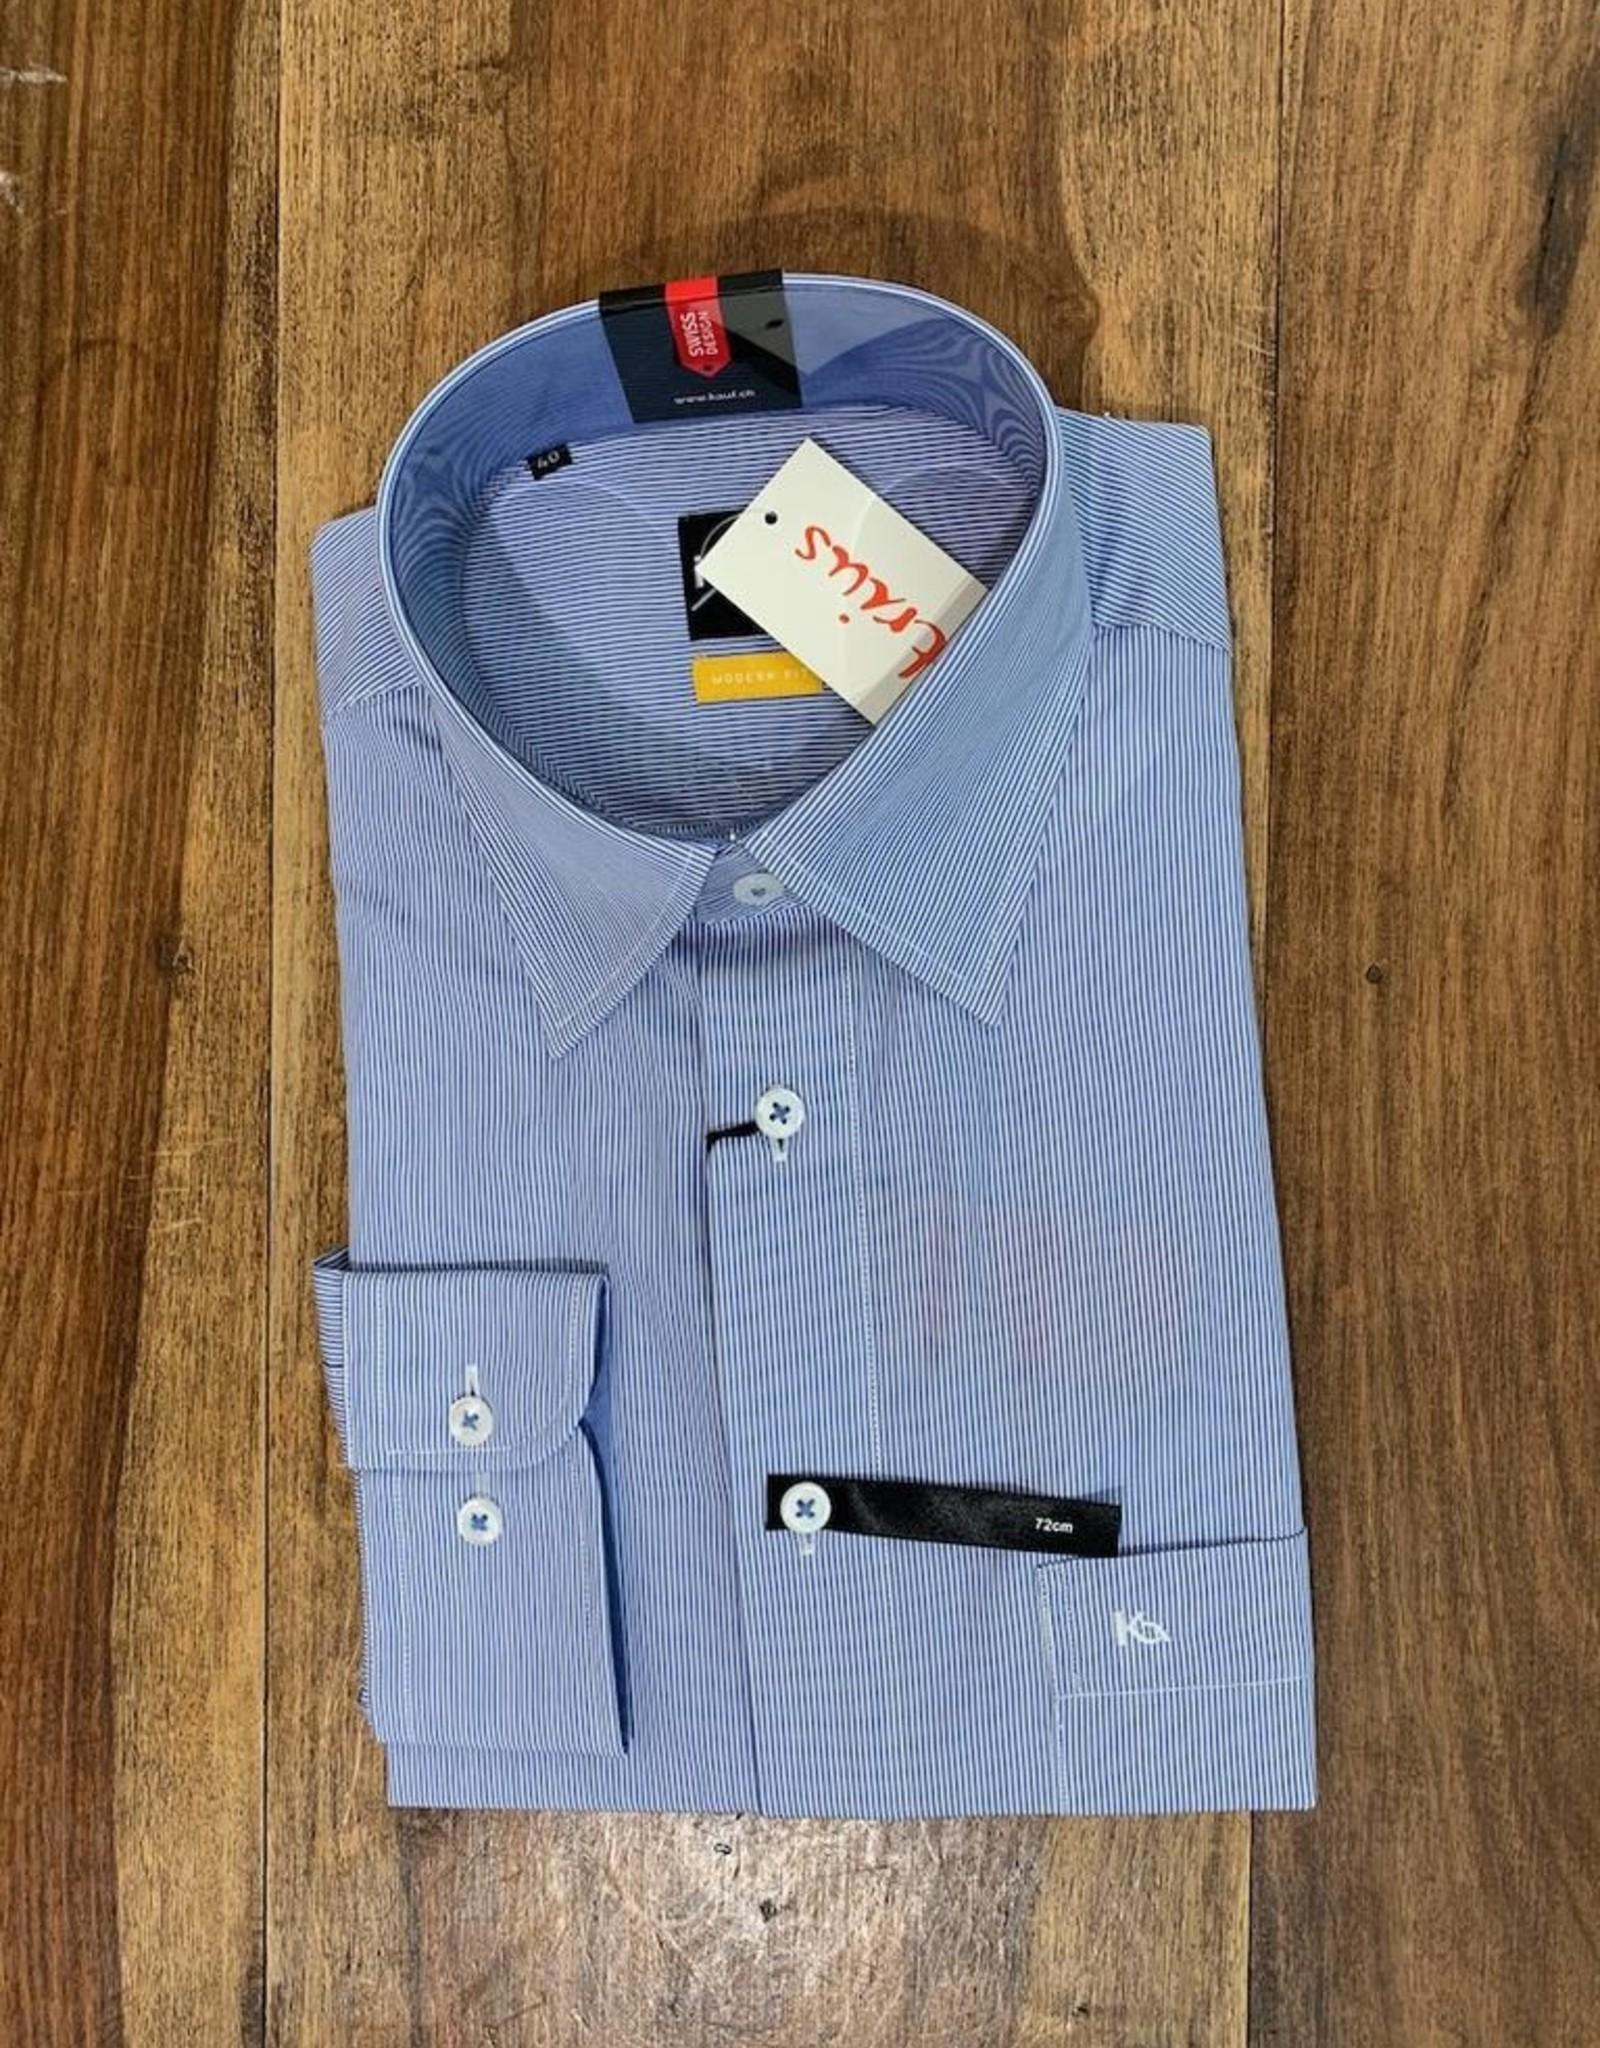 Kauf Kauf Hemd Modern Fit feiner Streifen blau Armlänge 72 cm